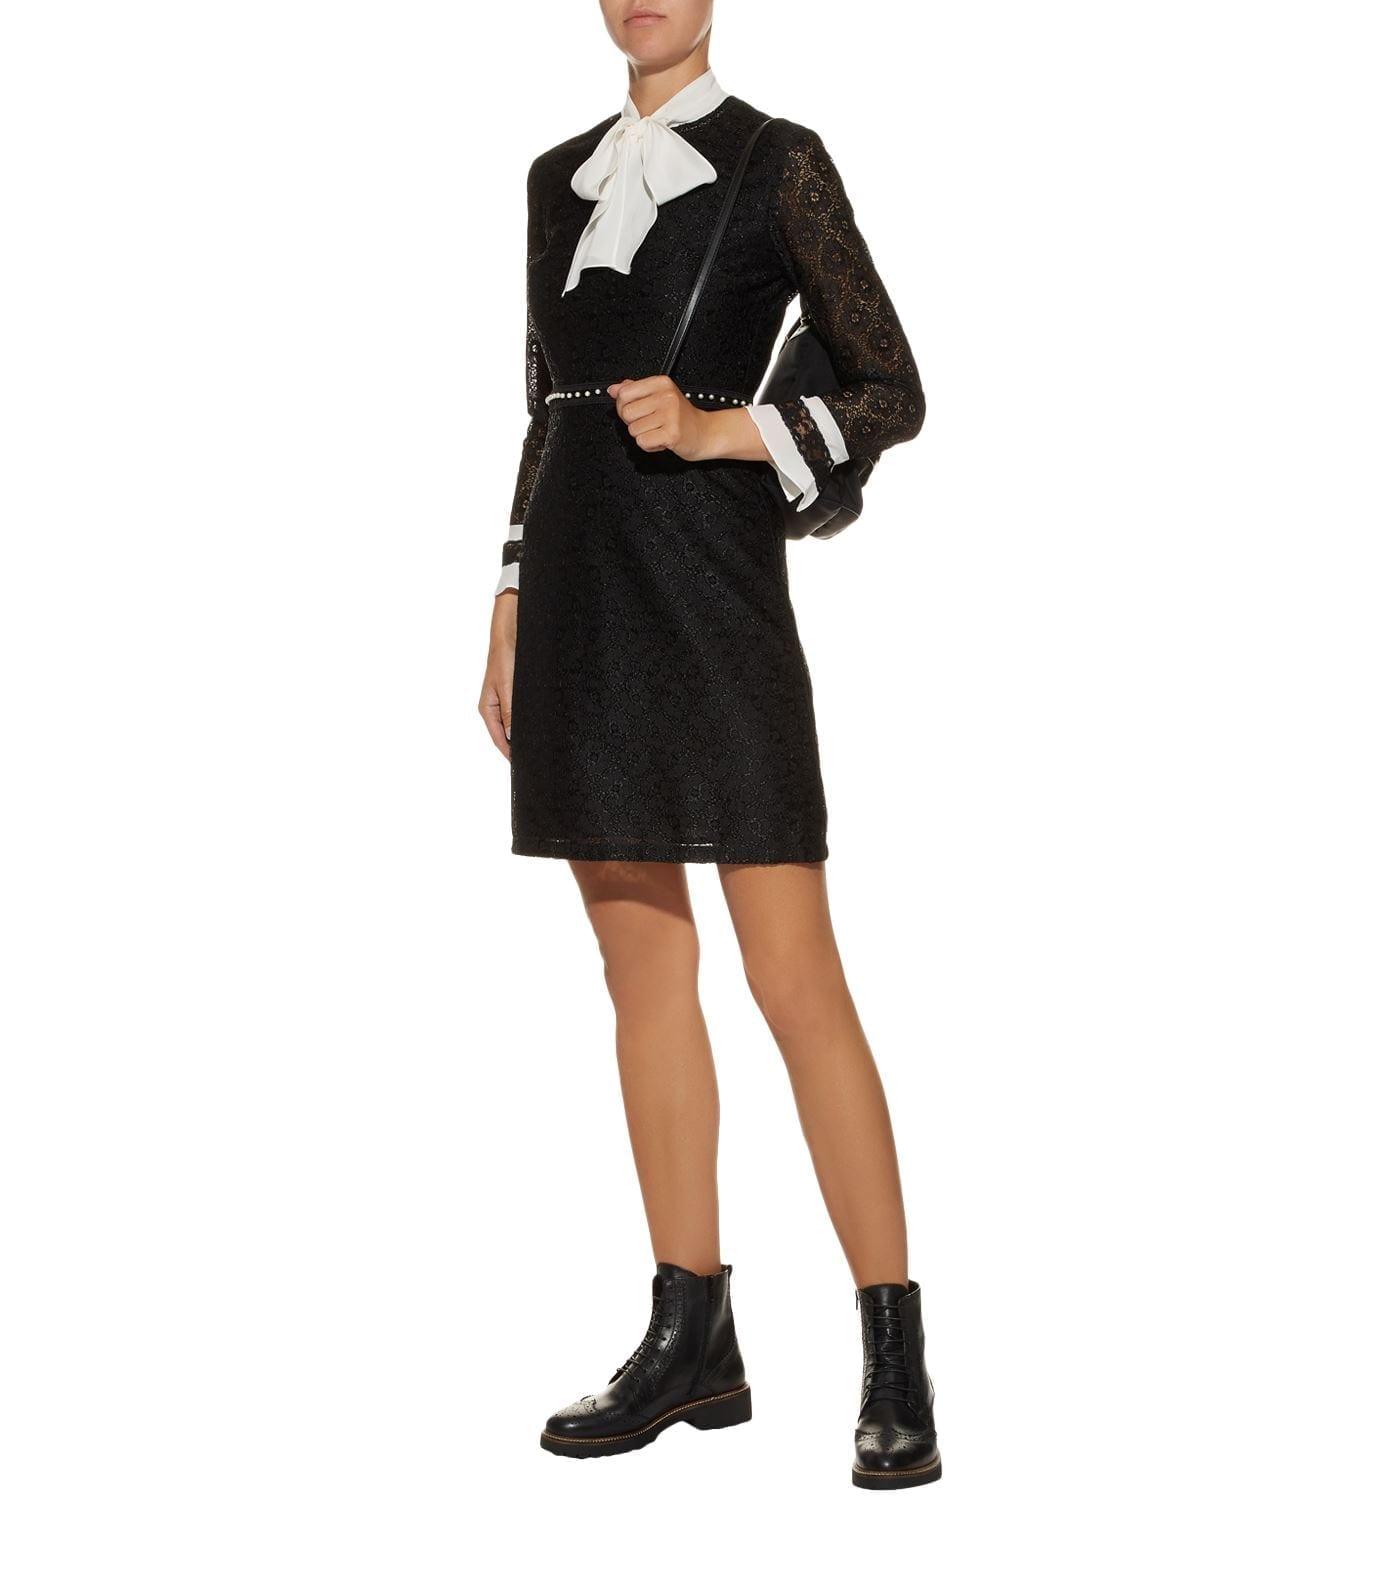 SANDRO Lace Contrast Trim Black Dress